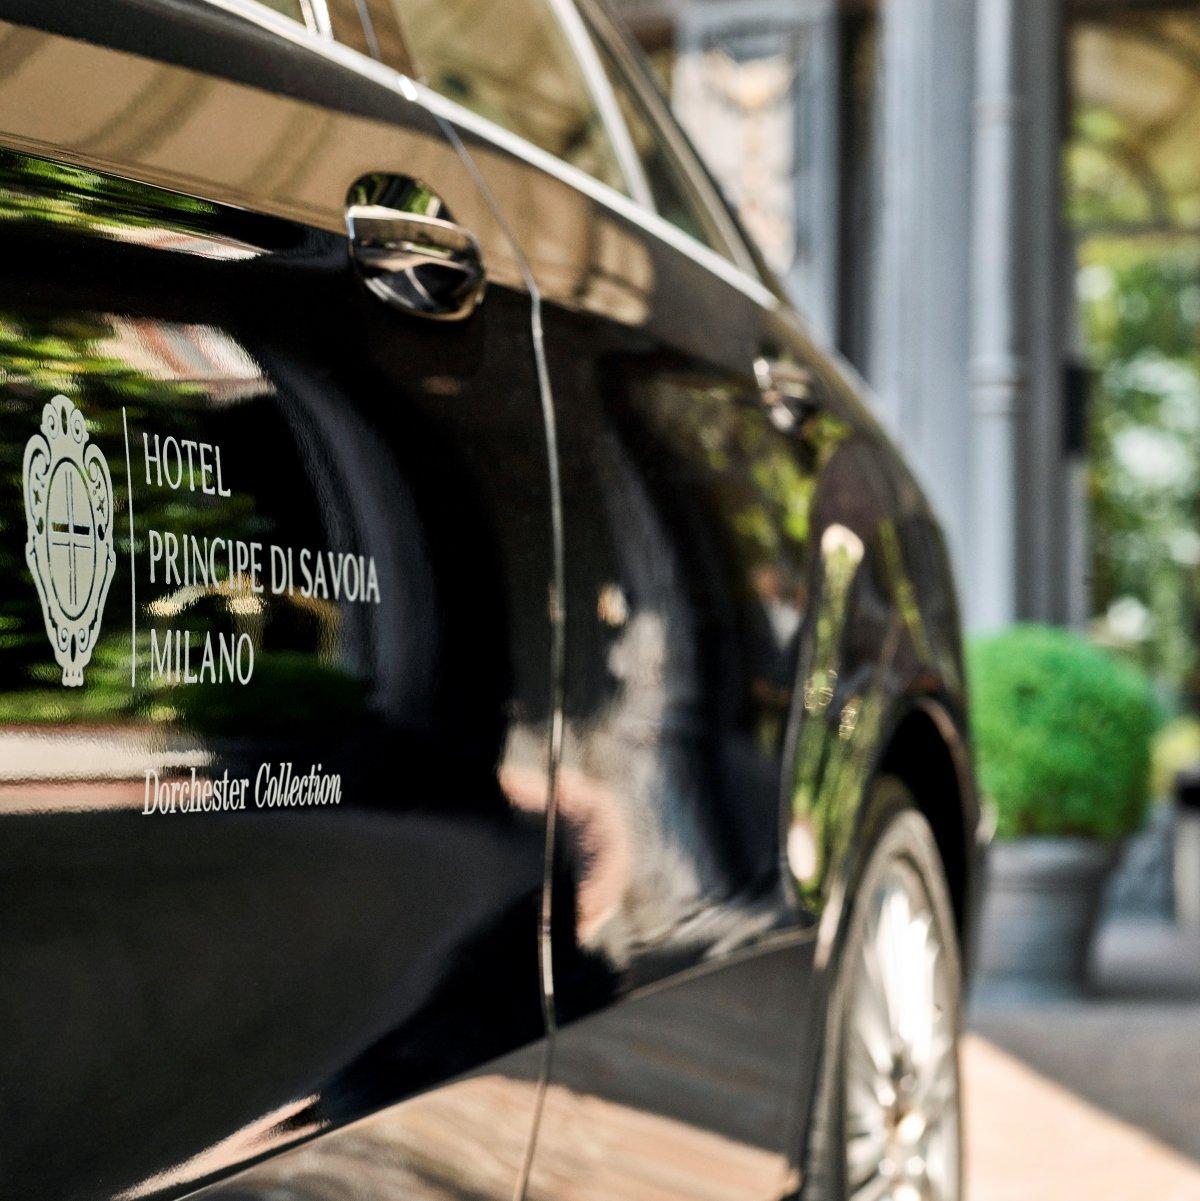 Hotel Principe di Savoia Milan, limousine service